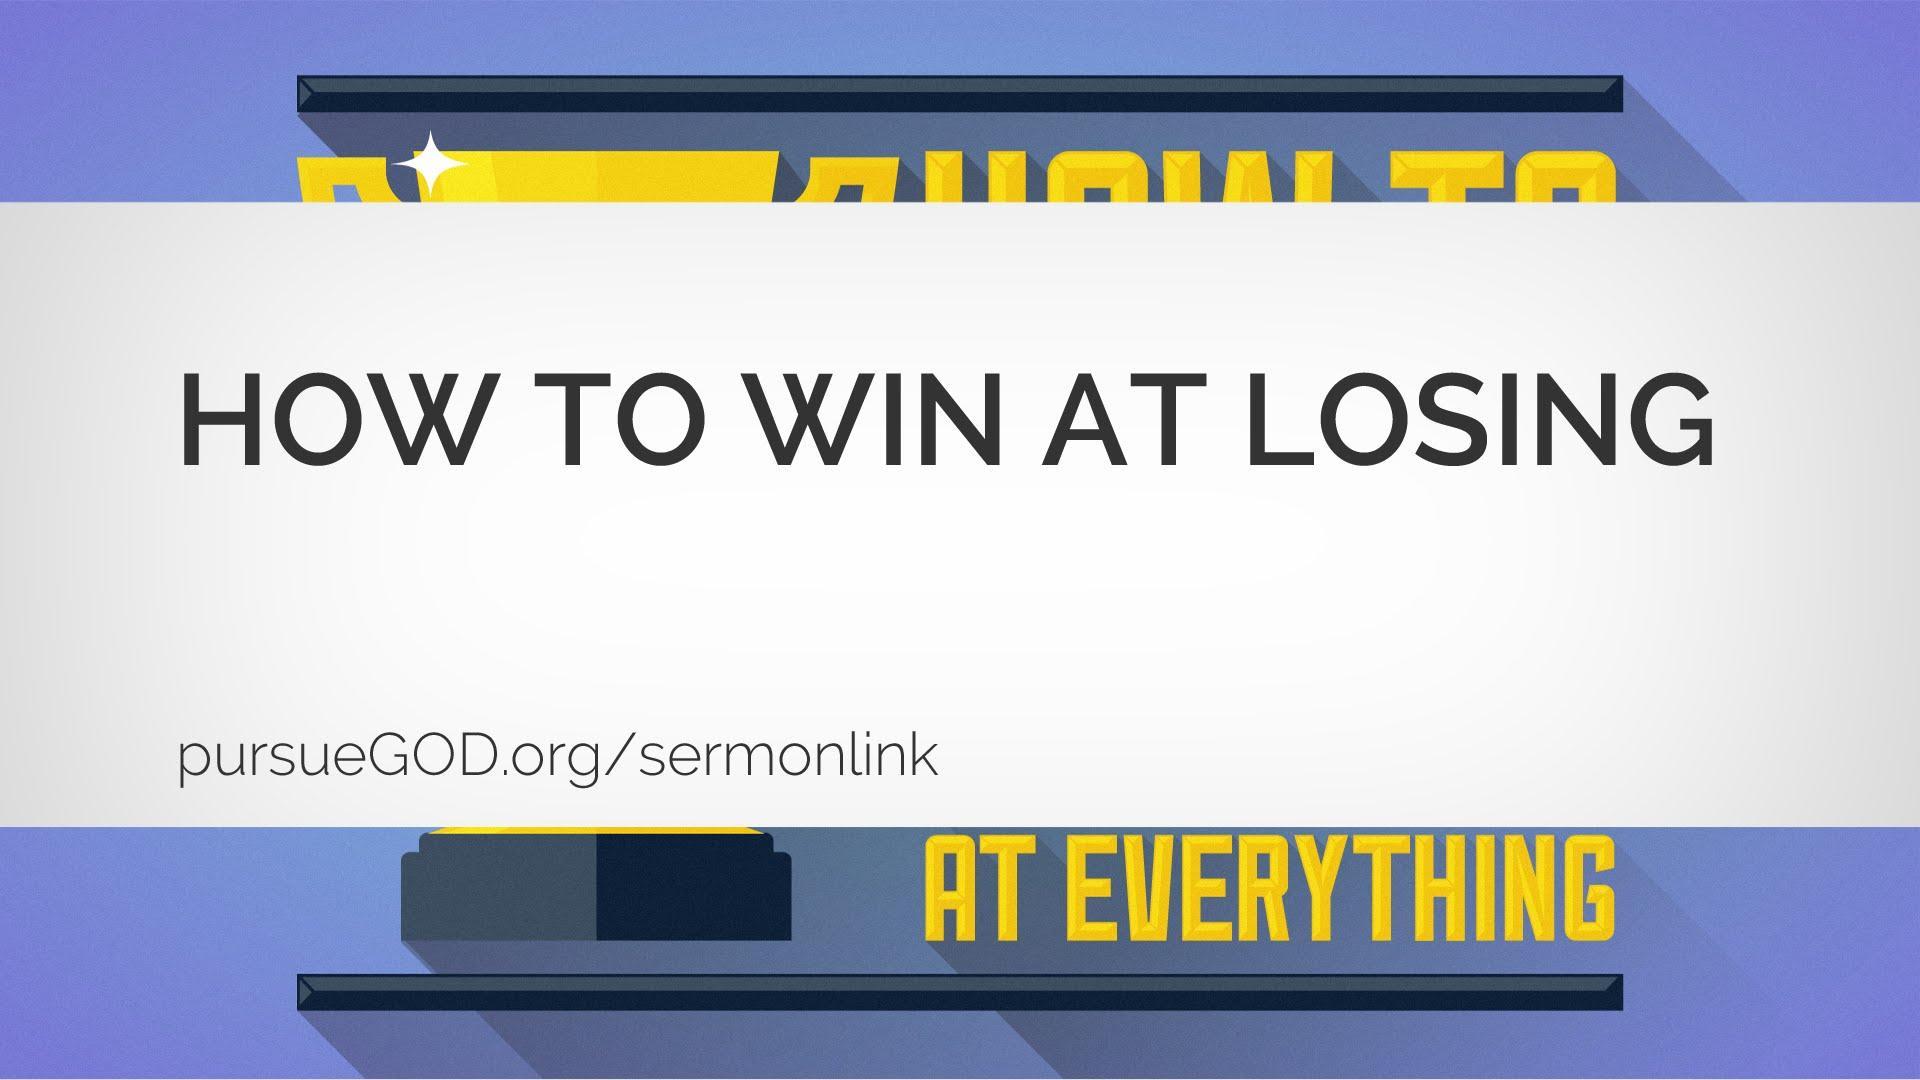 Wie man beim Verlieren gewinnt